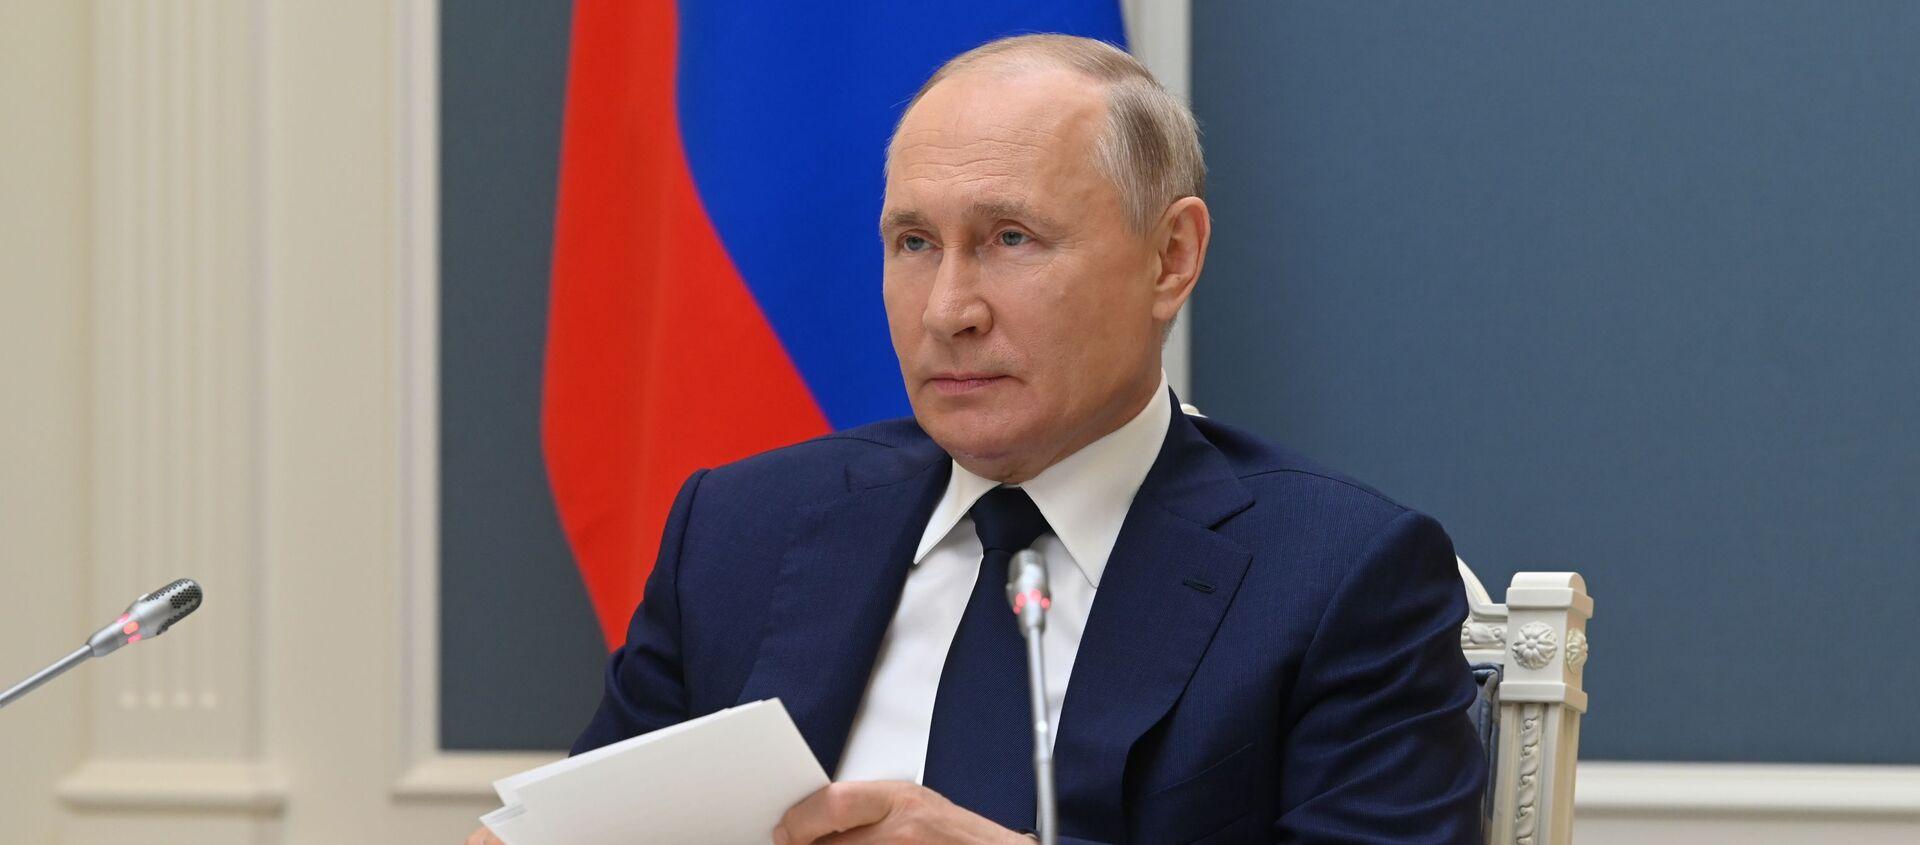 Tổng thống Nga V.Putin tham dự Diễn đàn lần thứ VIII về các khu vực của Nga và Belarus - Sputnik Việt Nam, 1920, 04.07.2021